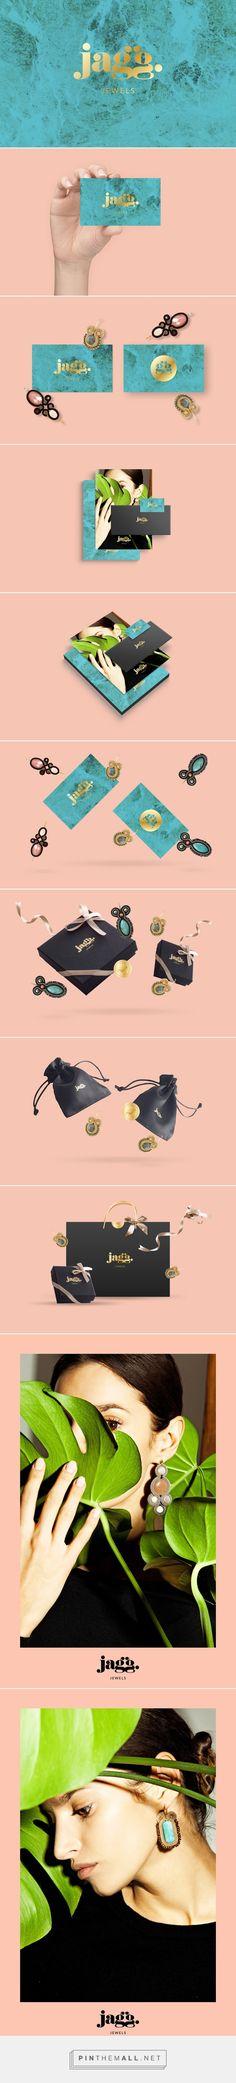 Jagg. Jewels Branding by Lange & Lange   Fivestar Branding Agency – Design and Branding Agency & Curated Inspiration Gallery